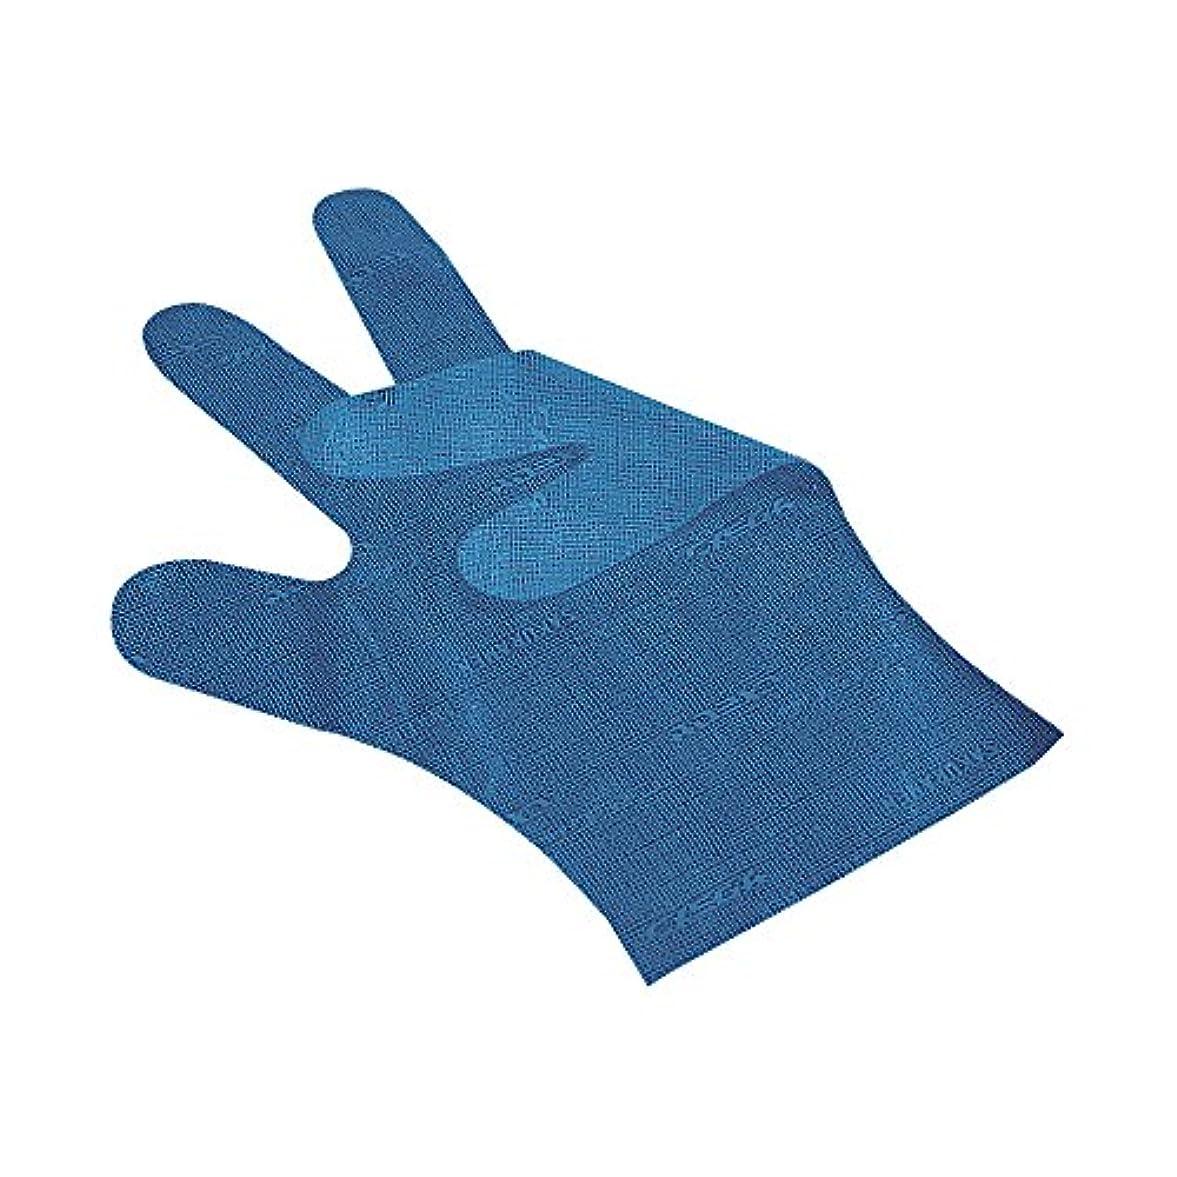 ポインタダウンタウン難民サクラメンエンボス手袋 デラックス ブルー L 100枚入